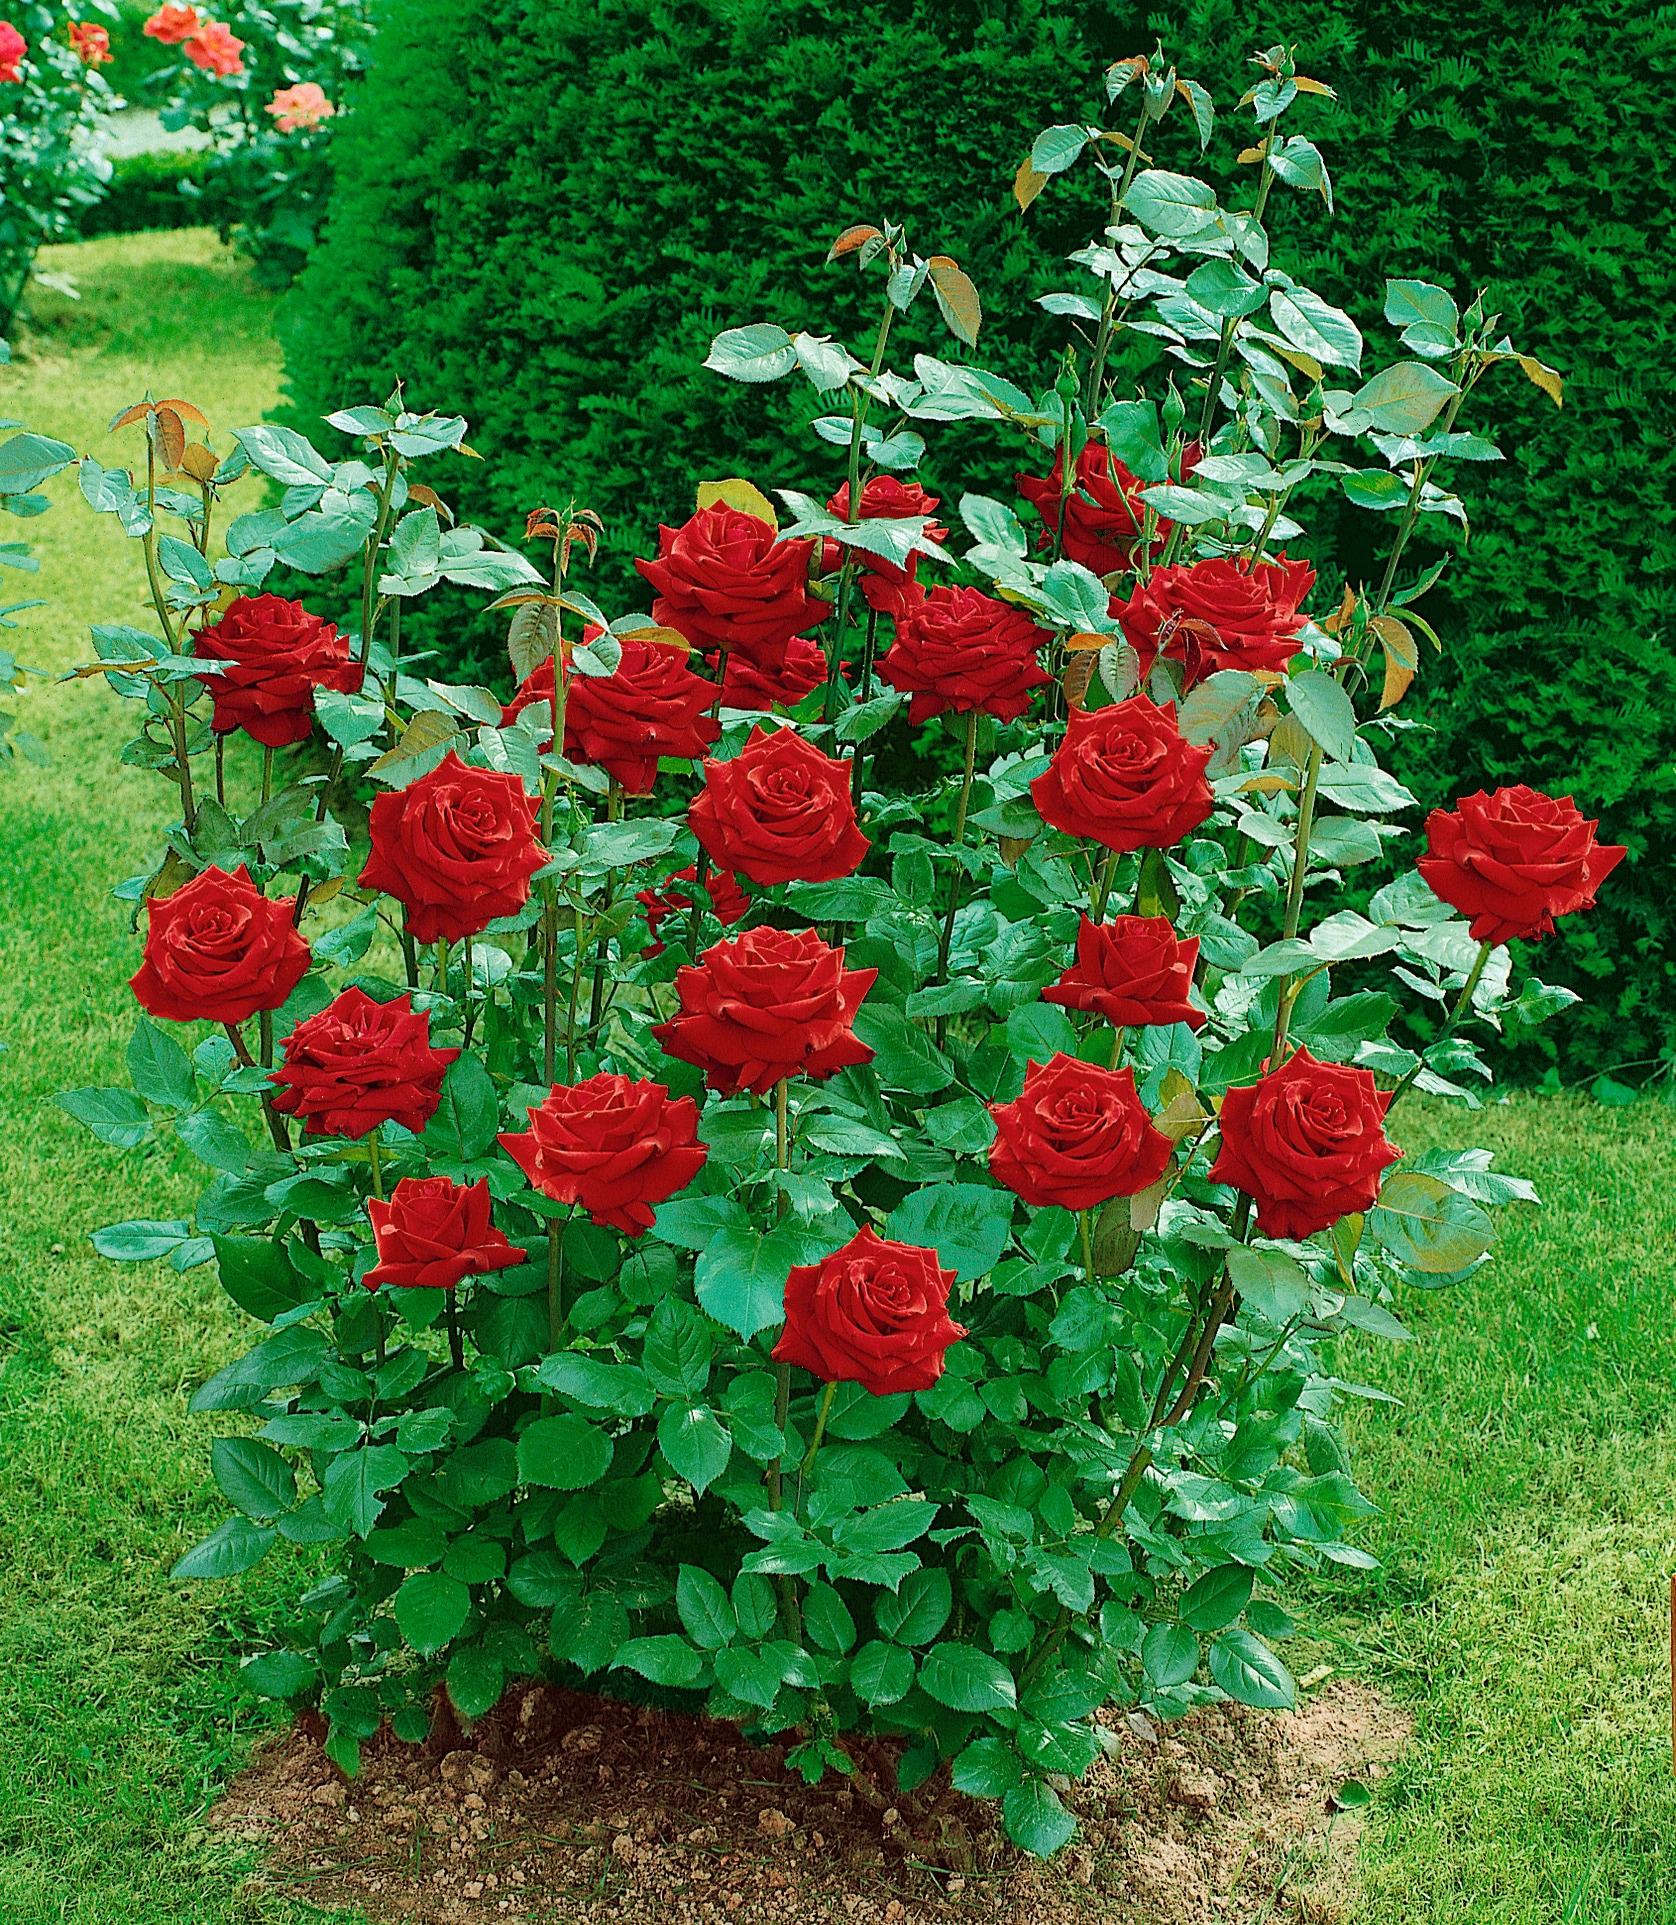 BCM Beetpflanze Edelrose Ingrid Bergmann rot Beetpflanzen Pflanzen Garten Balkon